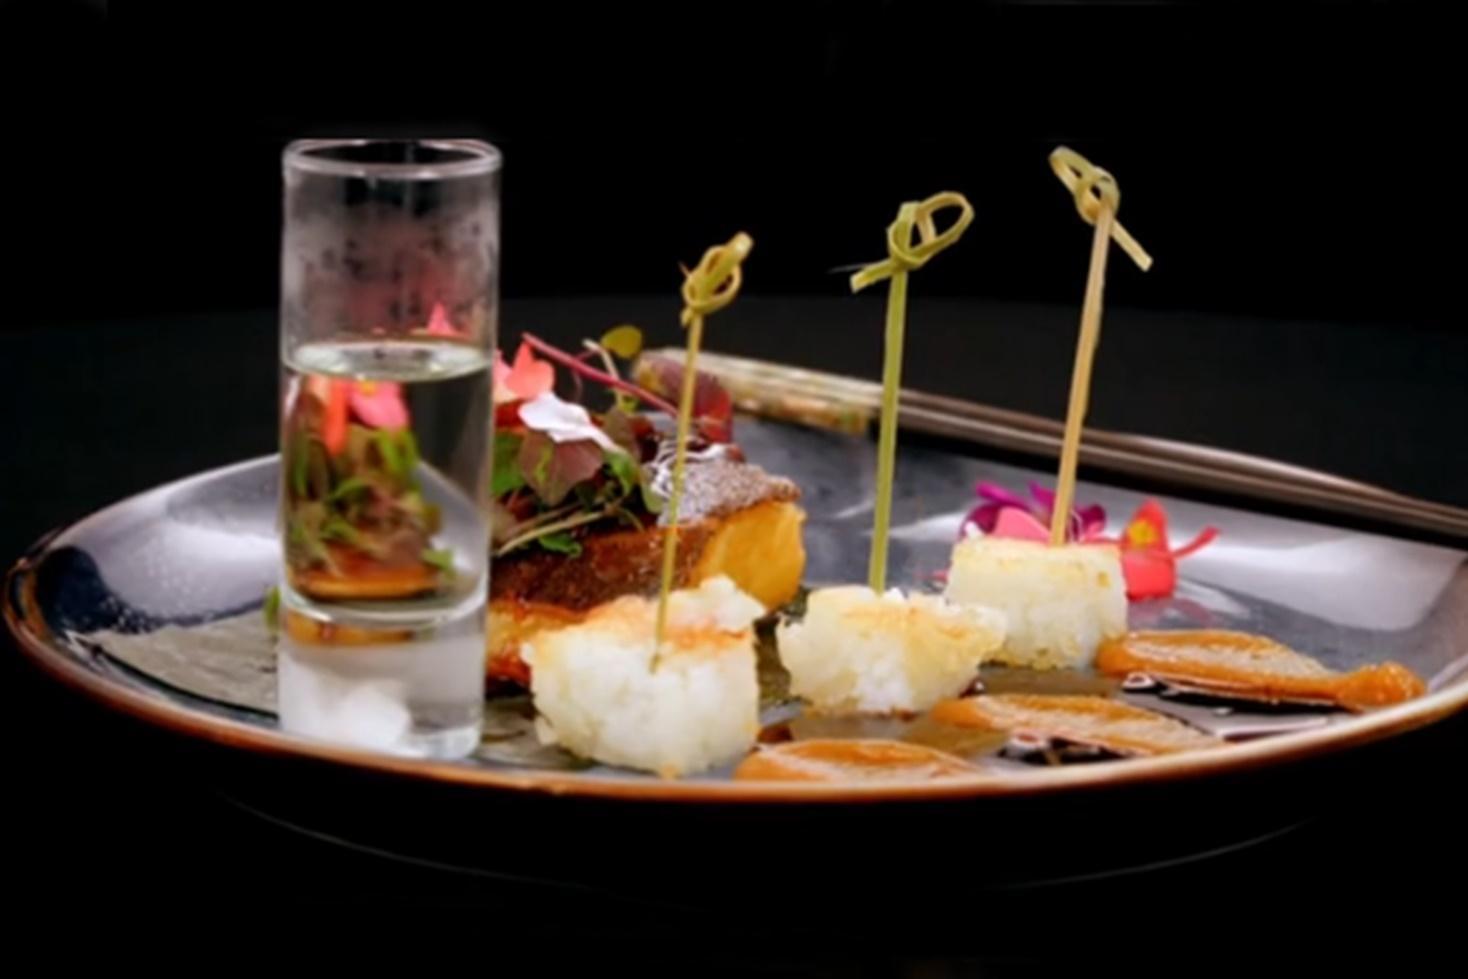 Chefi la cuțite, 4 aprilie 2021. Rețetă de halibut în sos de miso cu crochete de orez pentru sushi, gătită de Claudia Cristescu